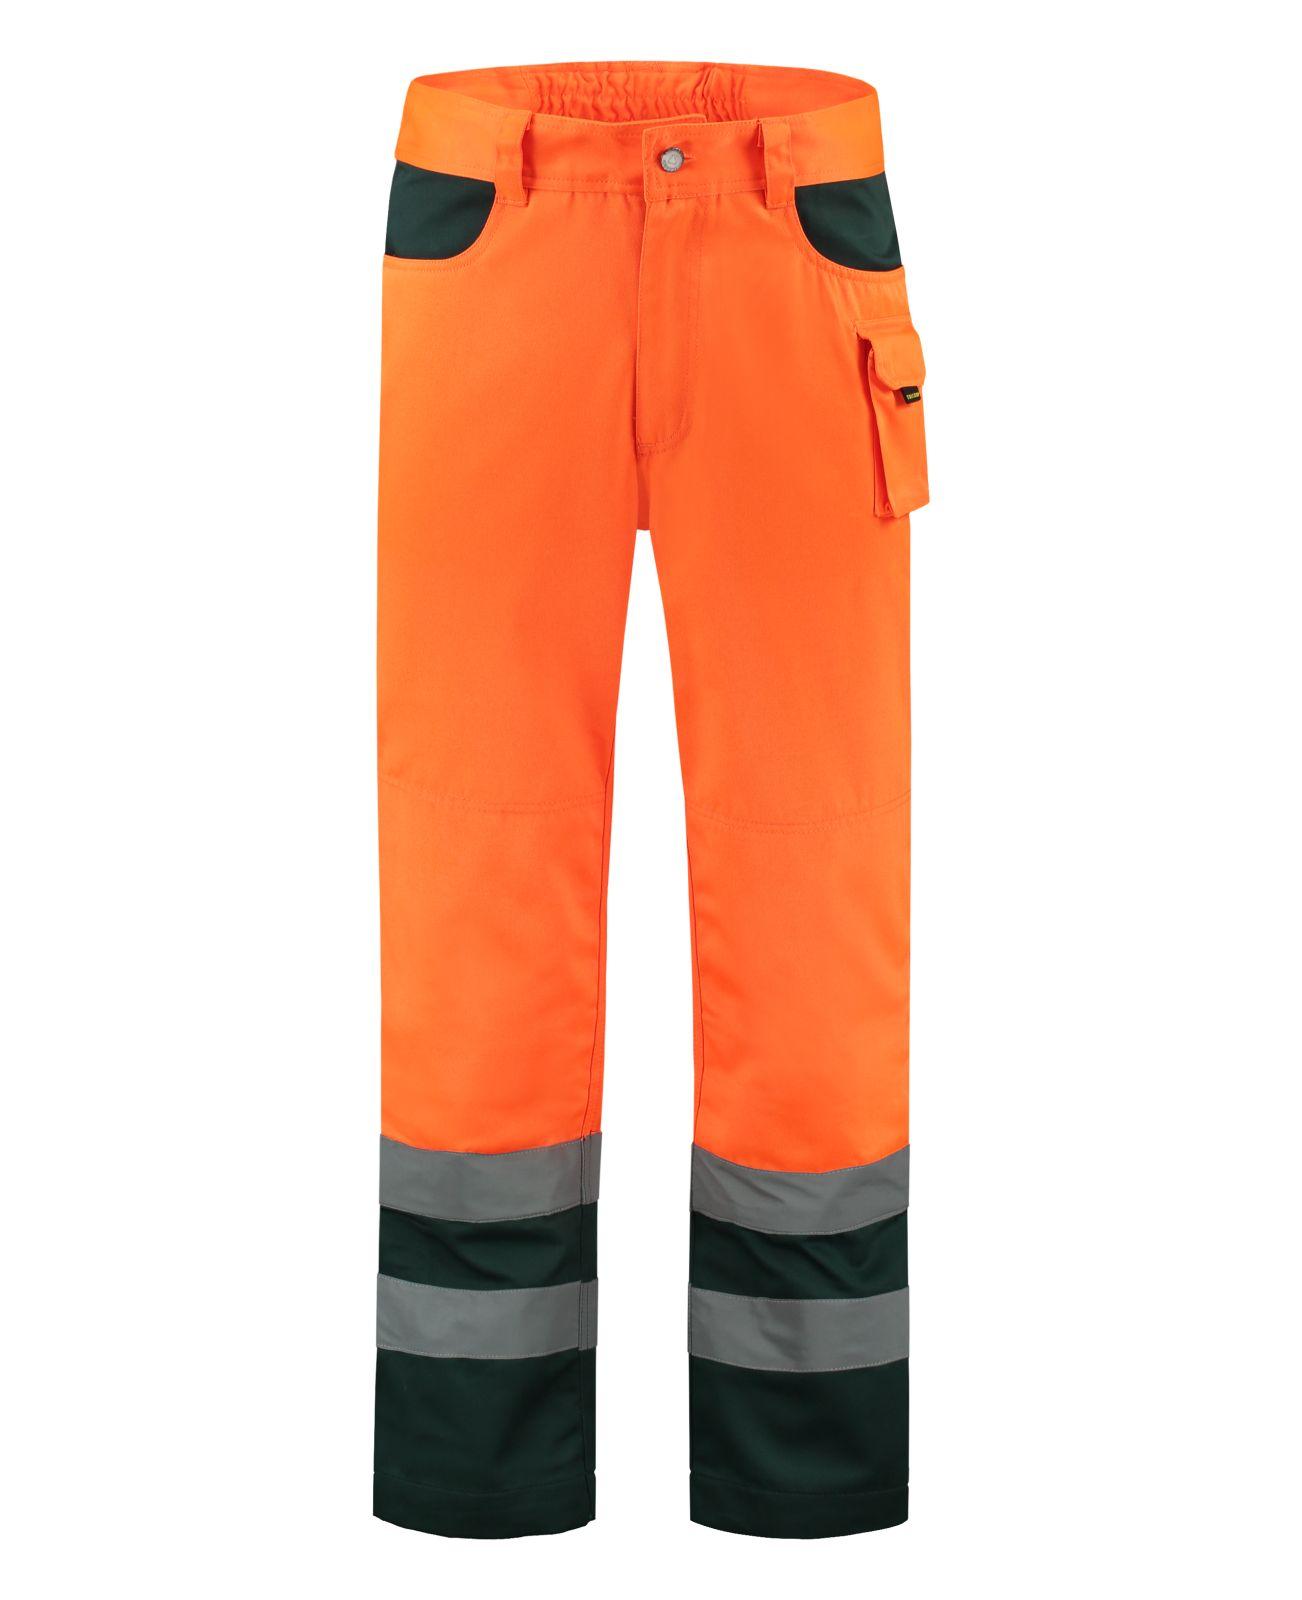 Tricorp Broeken 503002-TWE3001 EN 471 Kniezakken Polyester- katoen fluo oranje-groen(Orangreen)